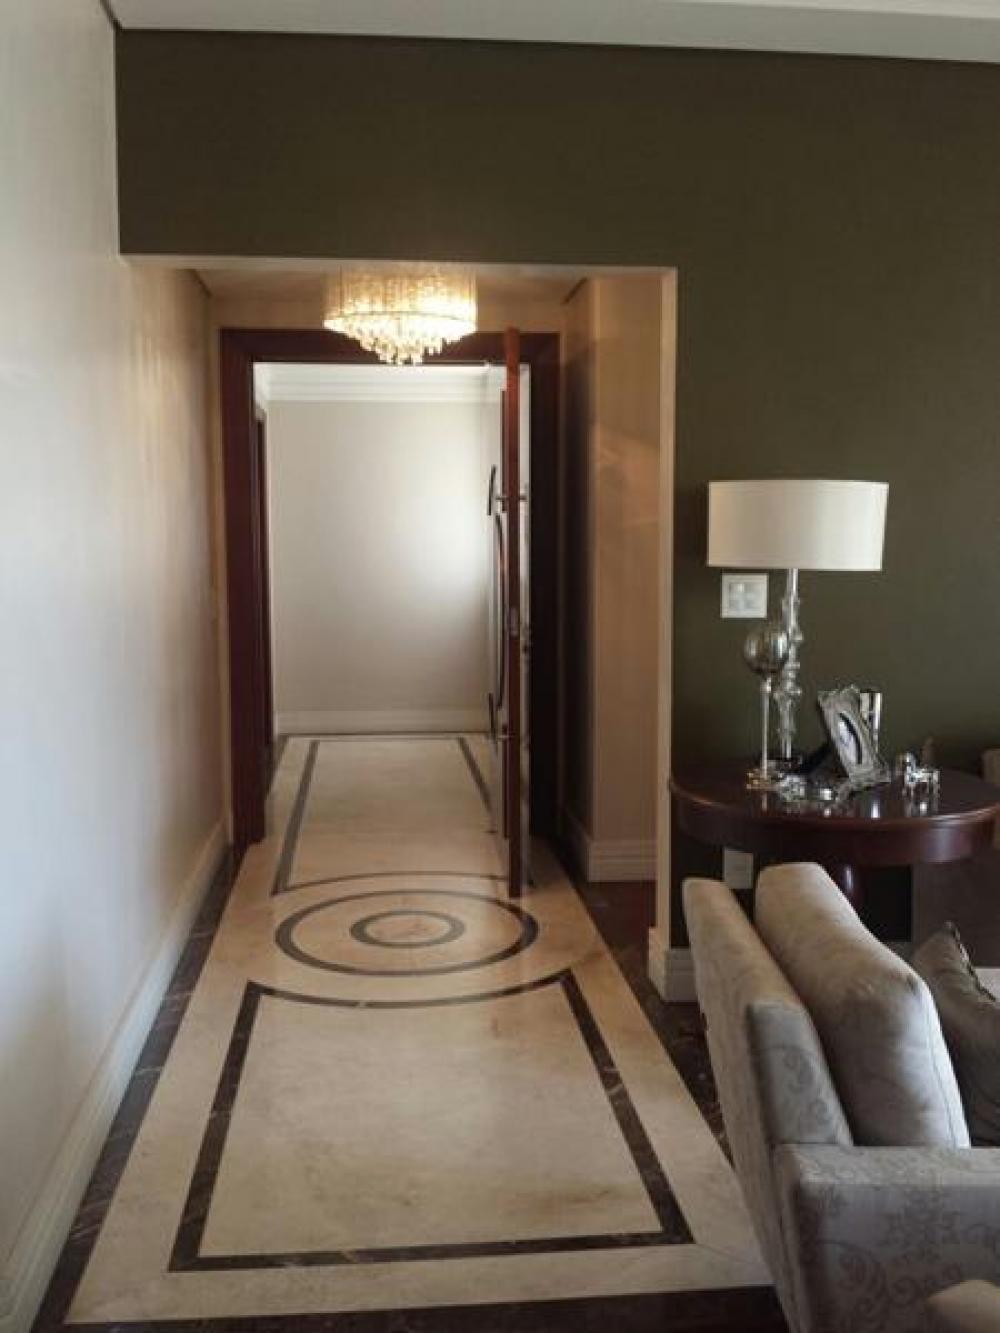 Comprar Apartamento / Padrão em São José do Rio Preto R$ 990.000,00 - Foto 18